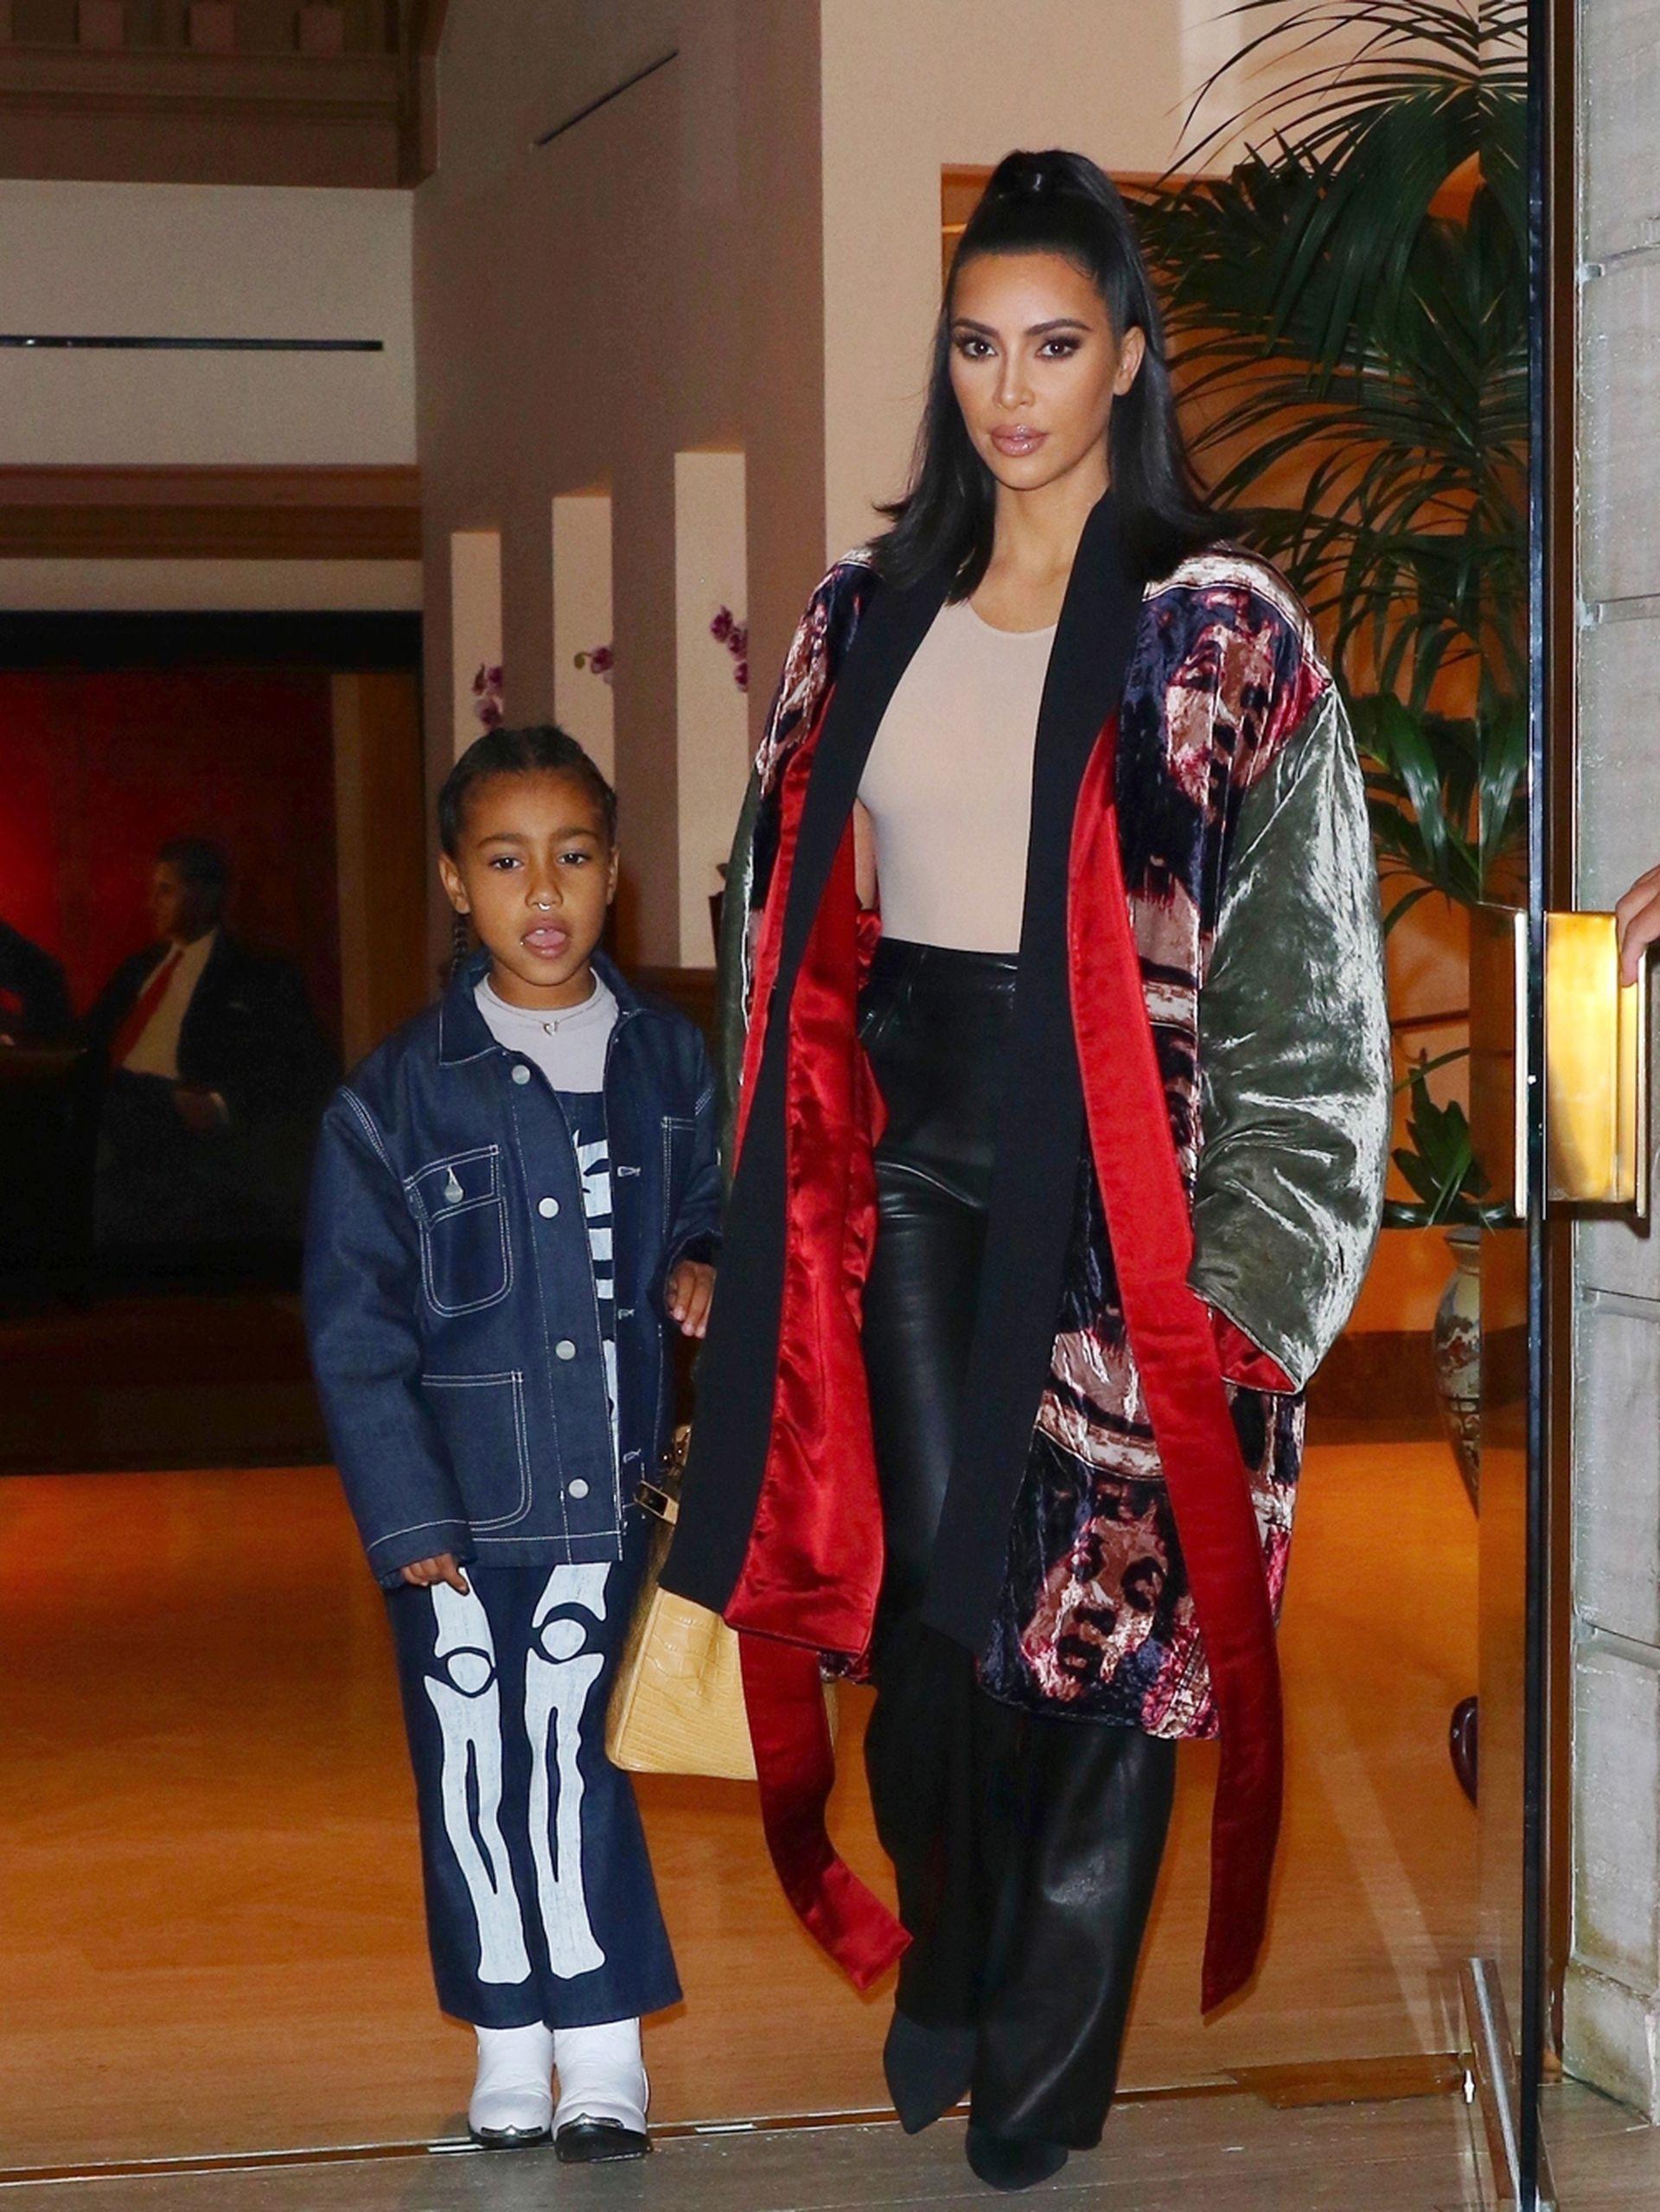 Kim Kardashian y su hija, North, quien la acompaña a la misa de los domingos que organiza Kanye West